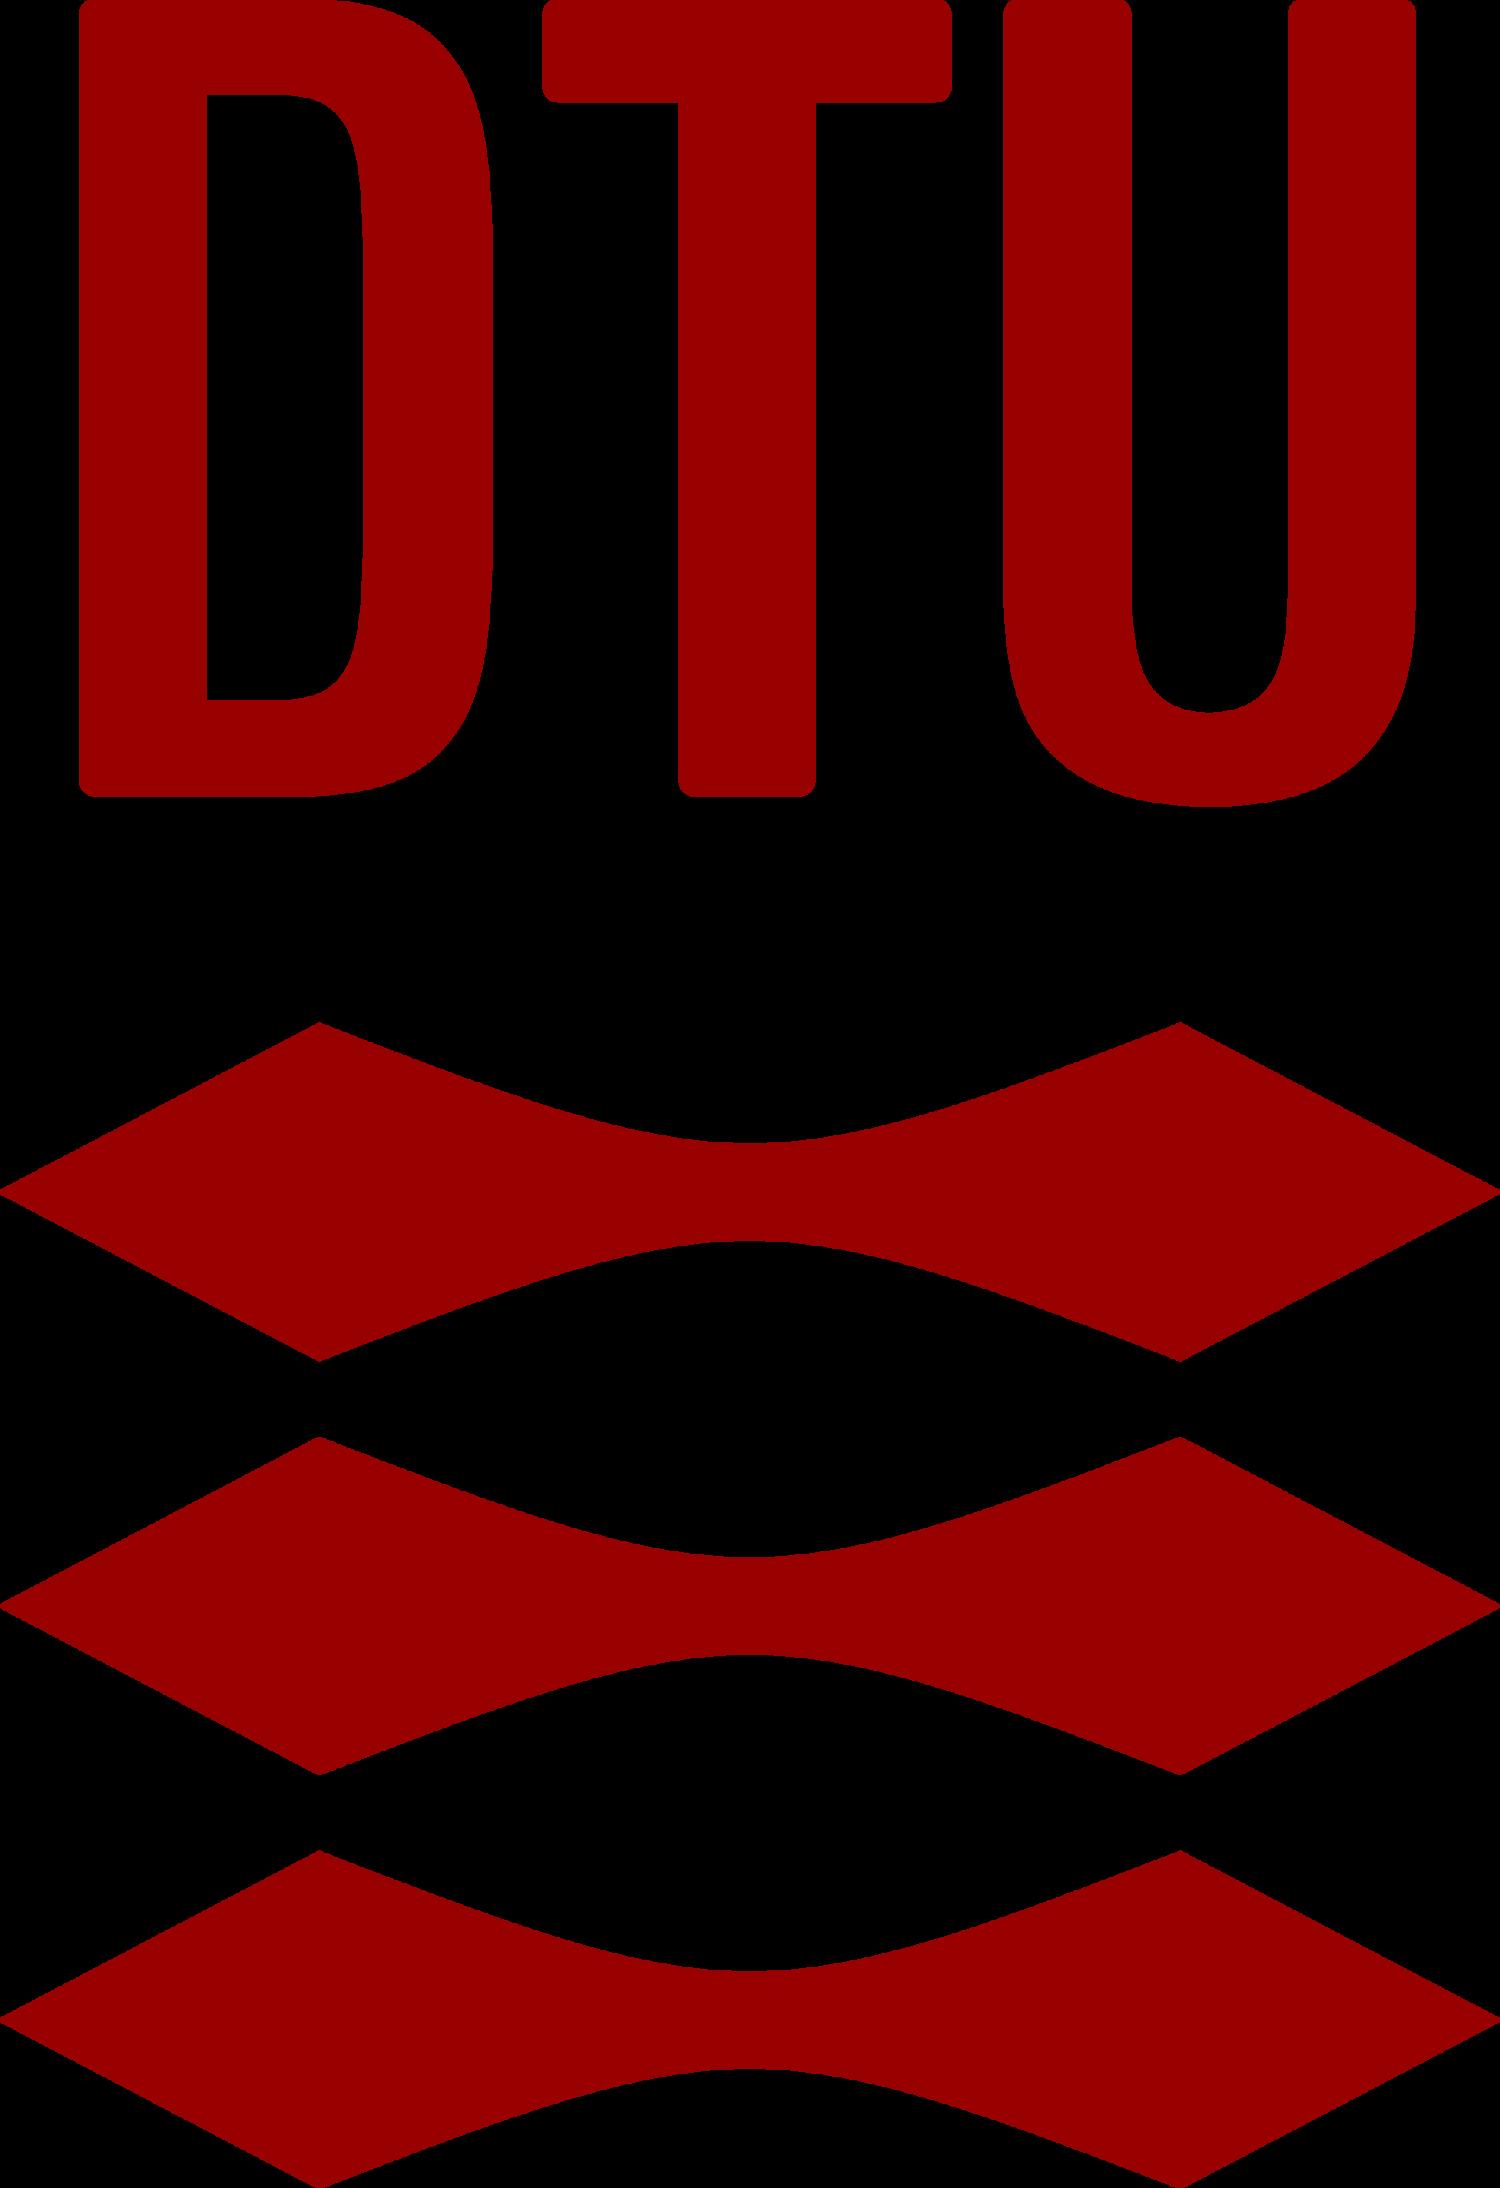 dtu.png